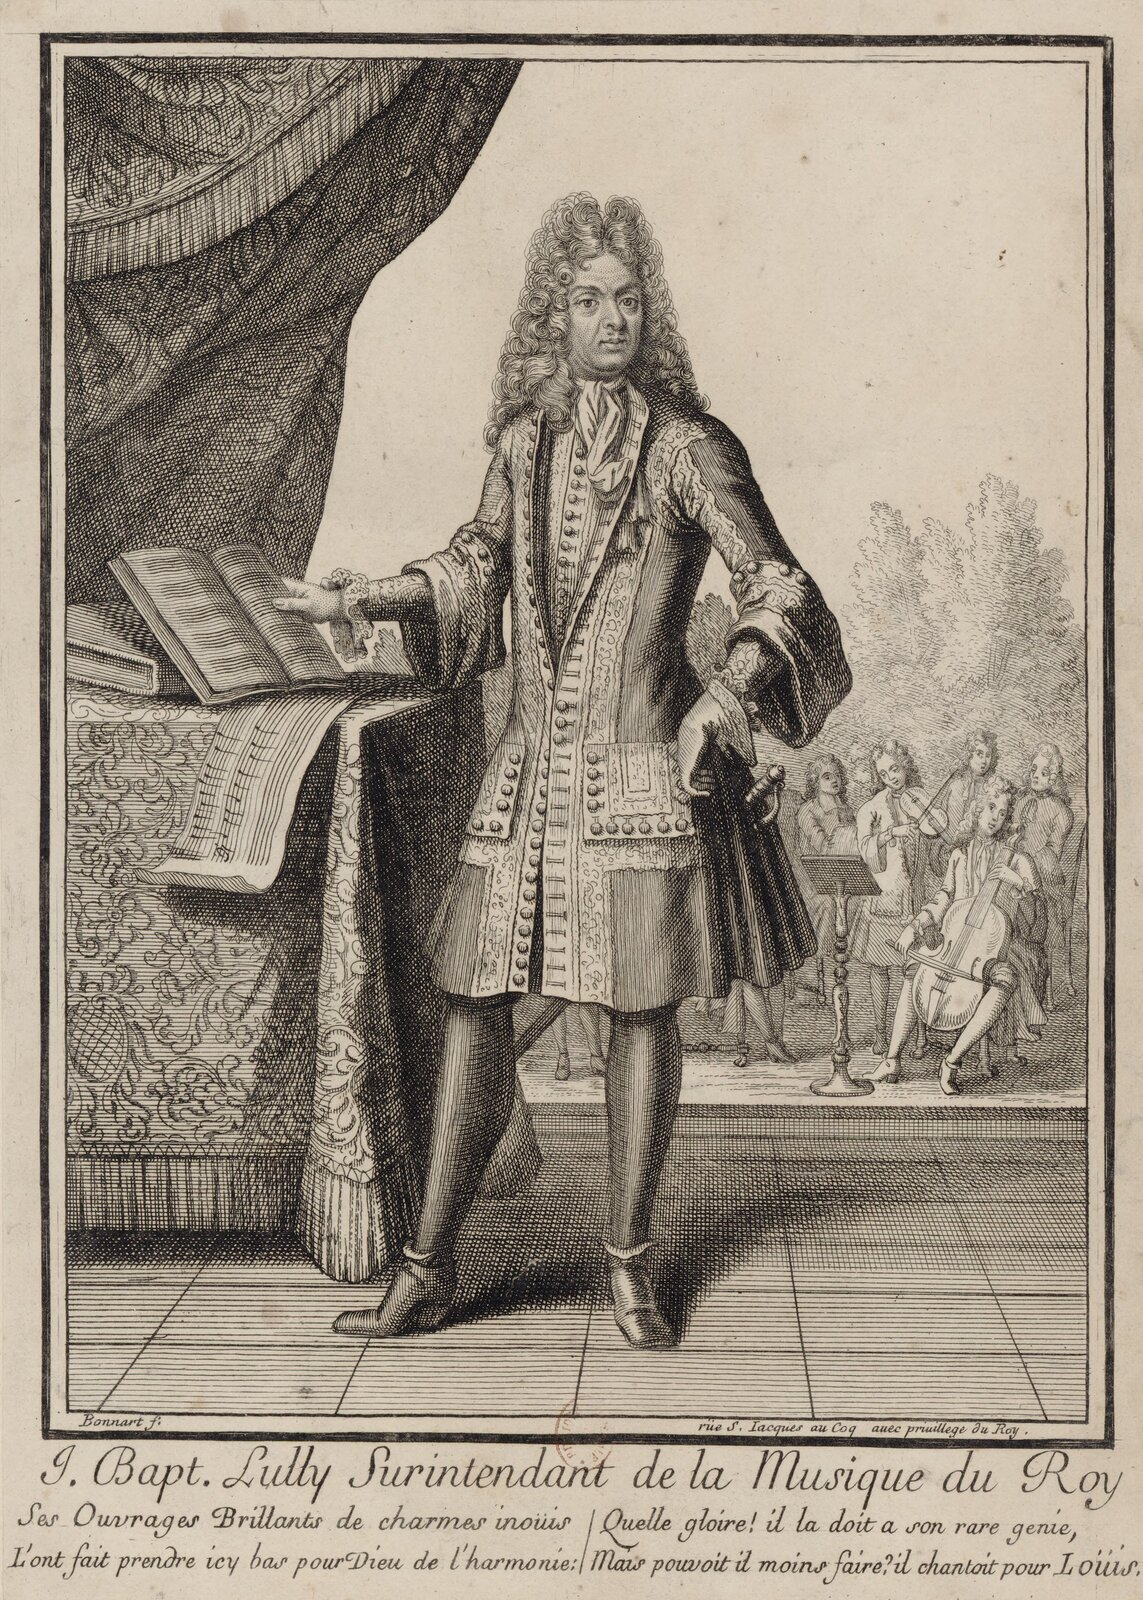 Jean-Baptiste Lully Jean-BaptisteLully (1632-1687) – urodzony we Florencji, od 14. roku życia mieszkający wParyżu kompozytor, jeden znajbardziej znanych muzyków barokowych Francji. Twórca francuskiej opery narodowej iróżnego typu utworów muzycznych.Podczas dyrygowania orkiestrą w1687 r. zranił się wstopę laską dyrygencką ikilka dni później zmarł wwyniku infekcji. Źródło: Henri Bonnart, Jean-Baptiste Lully, 1711, Francuska Biblioteka Narodowa, domena publiczna.